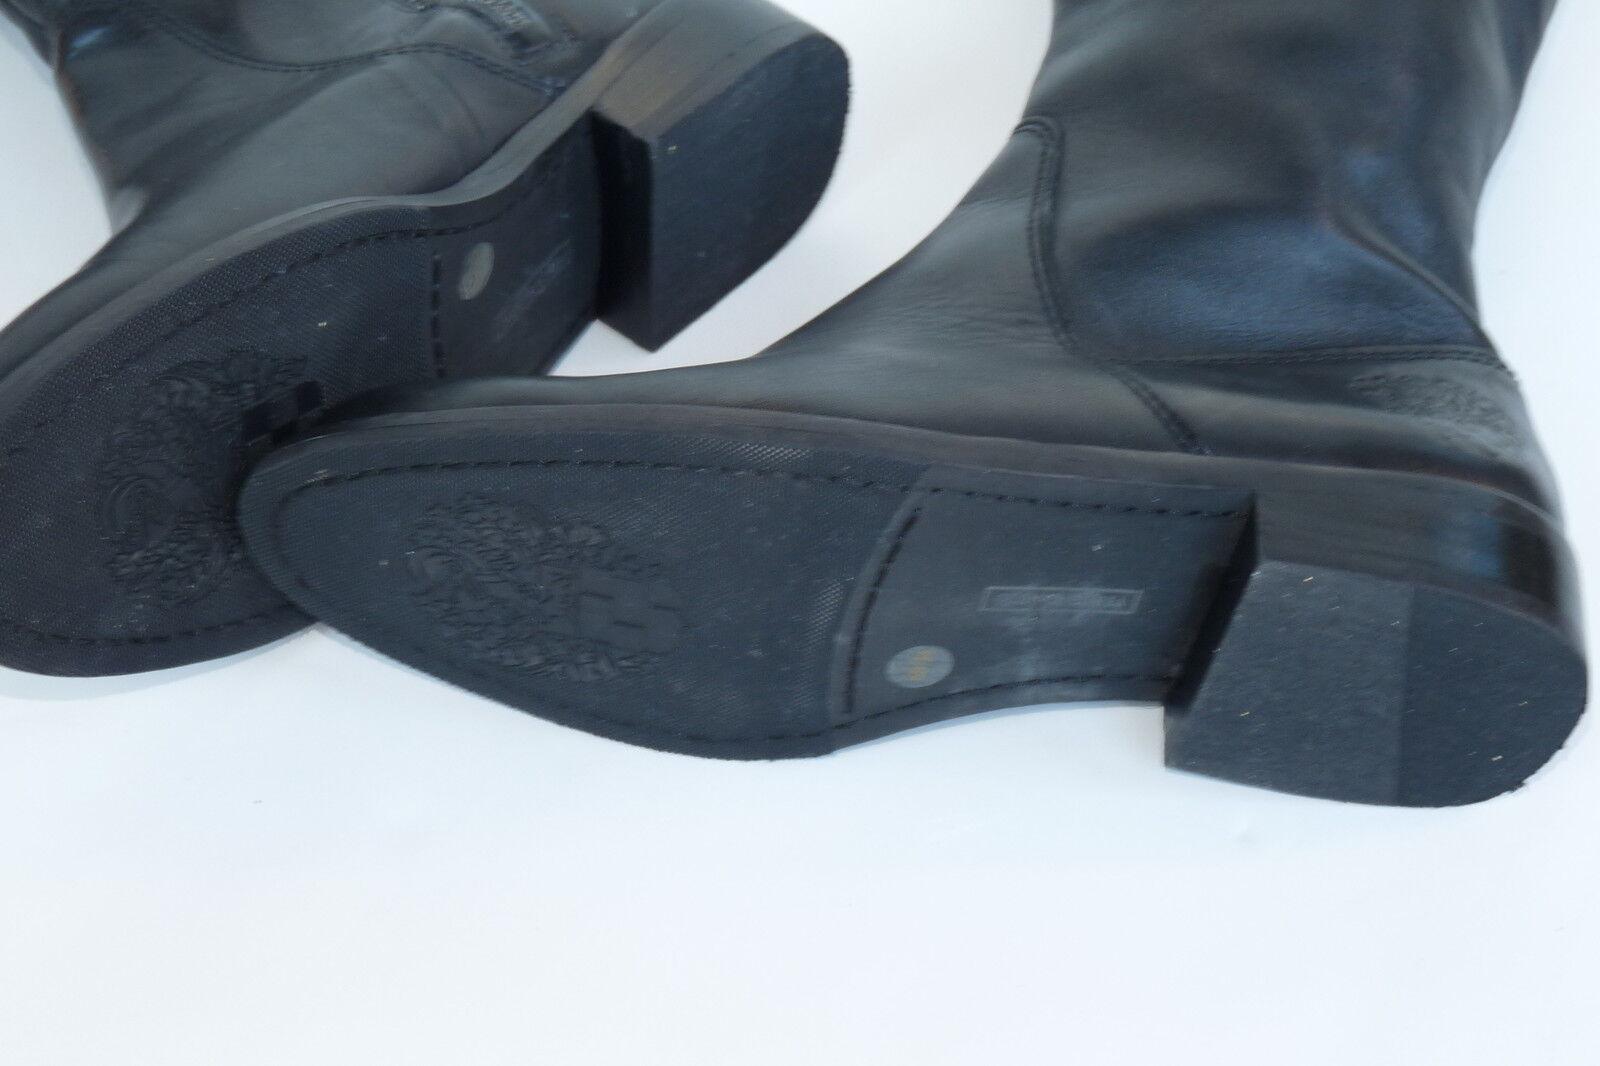 Vince Camuto Camuto Vince Keaton Cuero Negro botas Hasta La Rodilla Talla 6 1111fe